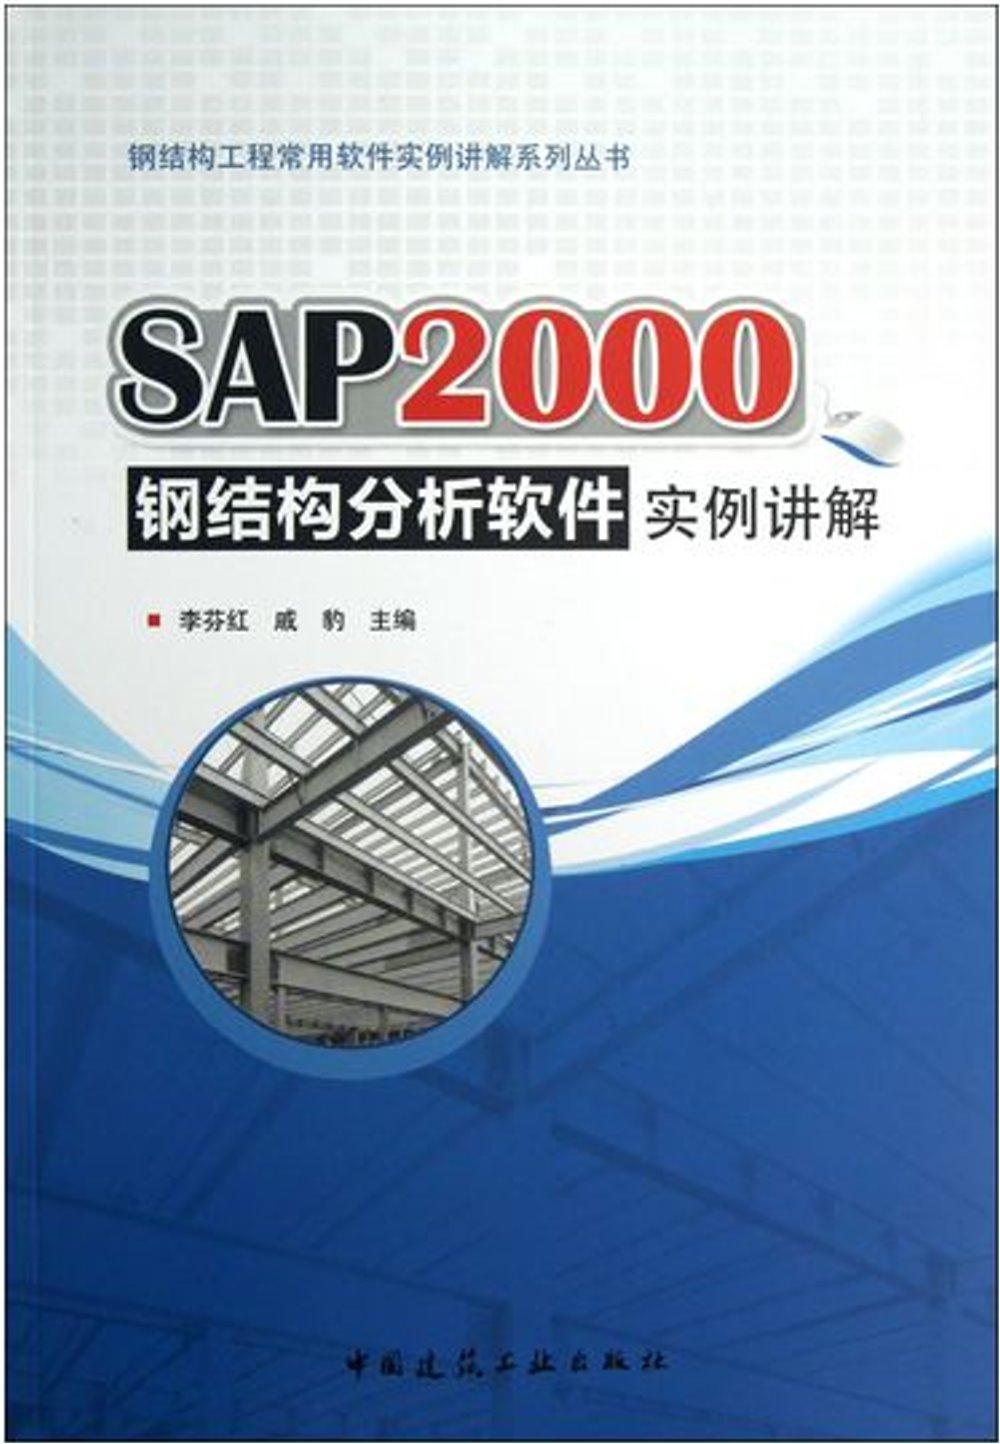 SAP2000鋼結構分析軟件實例講解